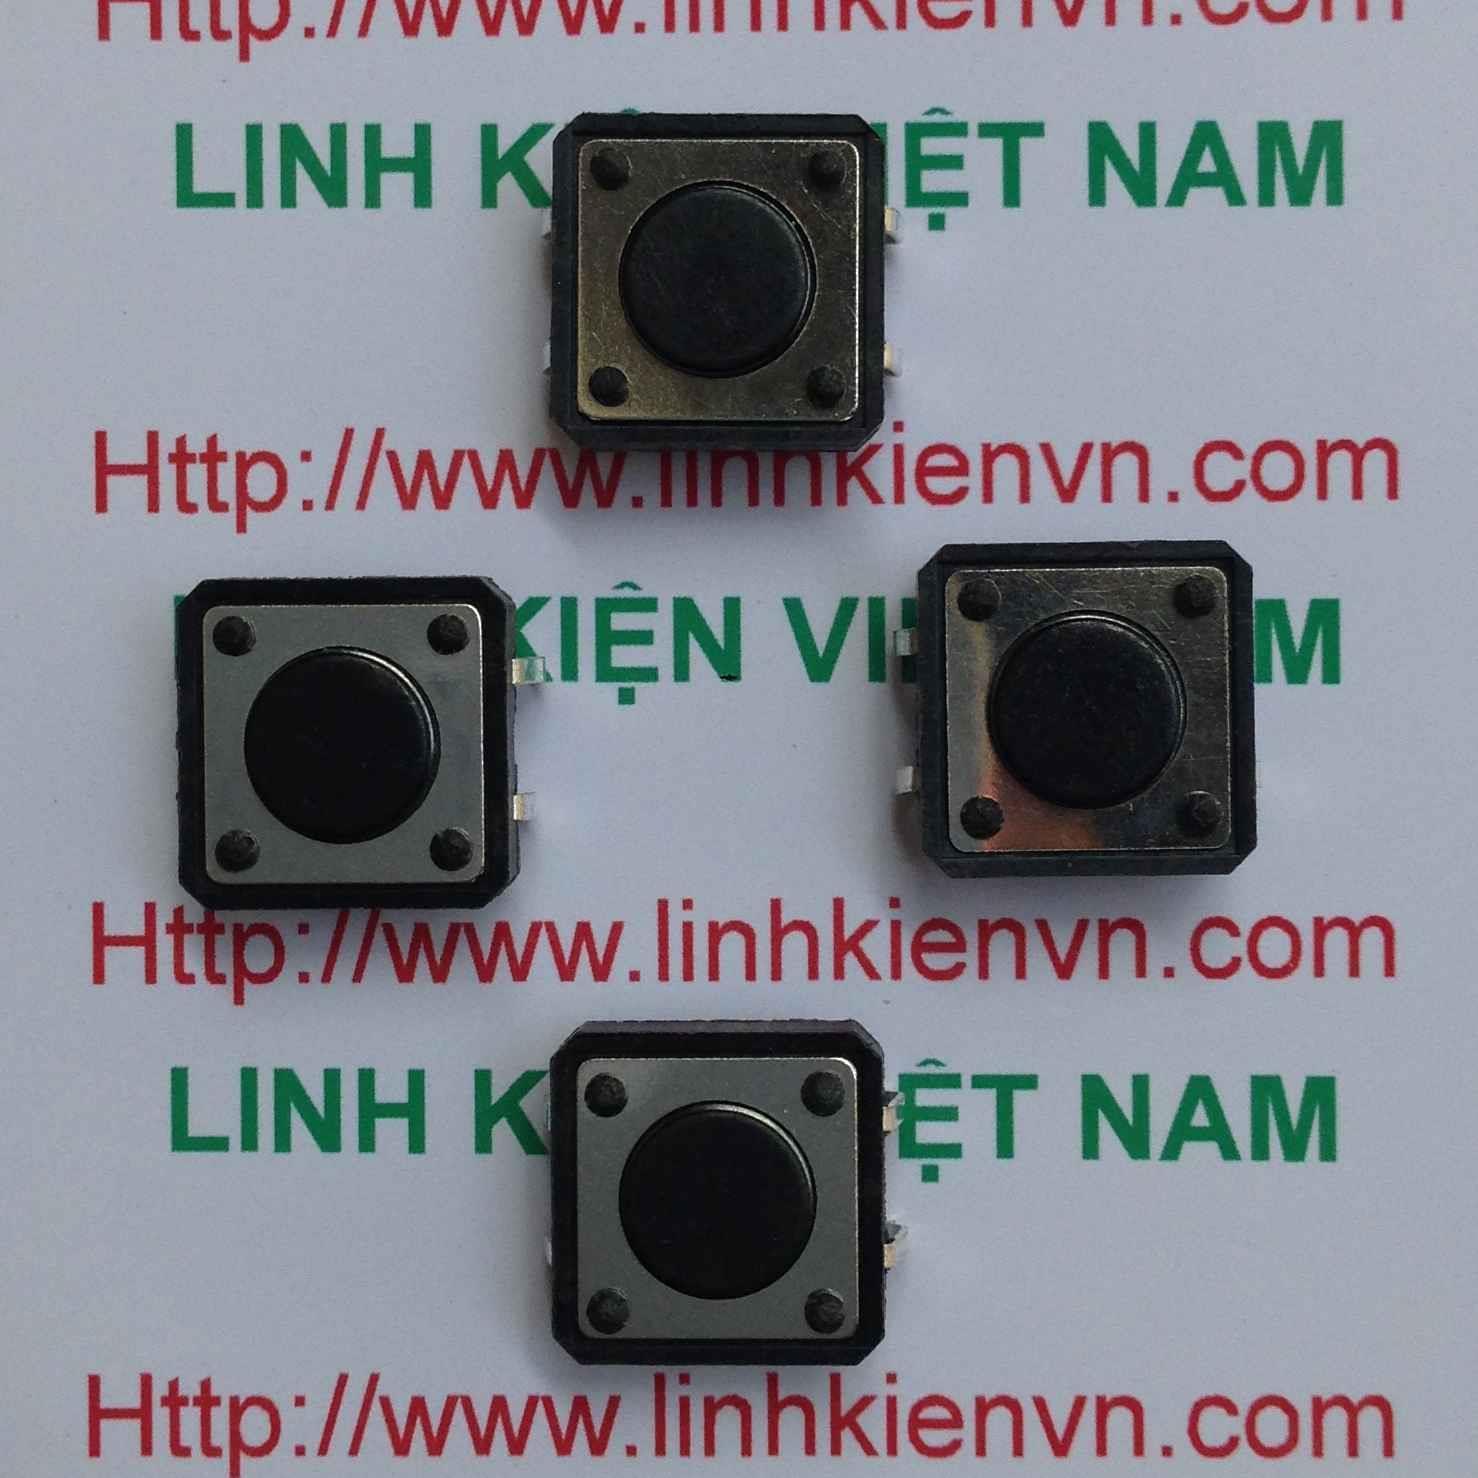 NÚT BẤM 4 CHÂN 12x12x4.3 mm - C5H5